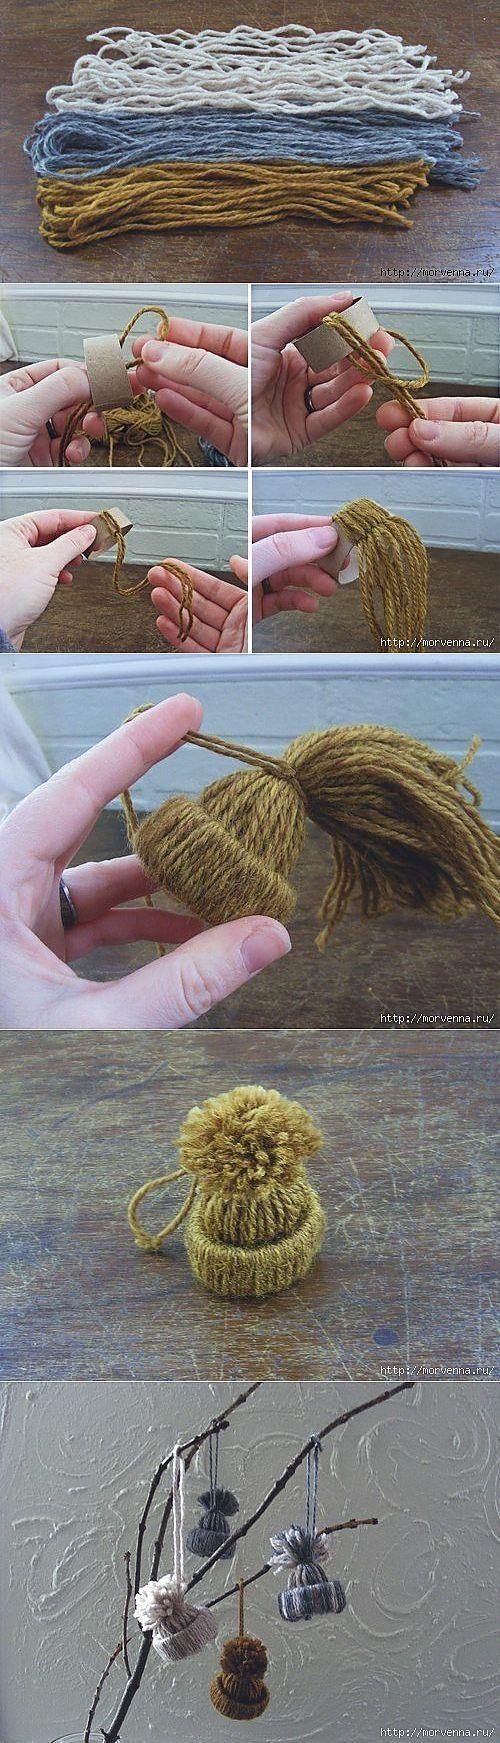 Mini Yarn Hats Ornaments.